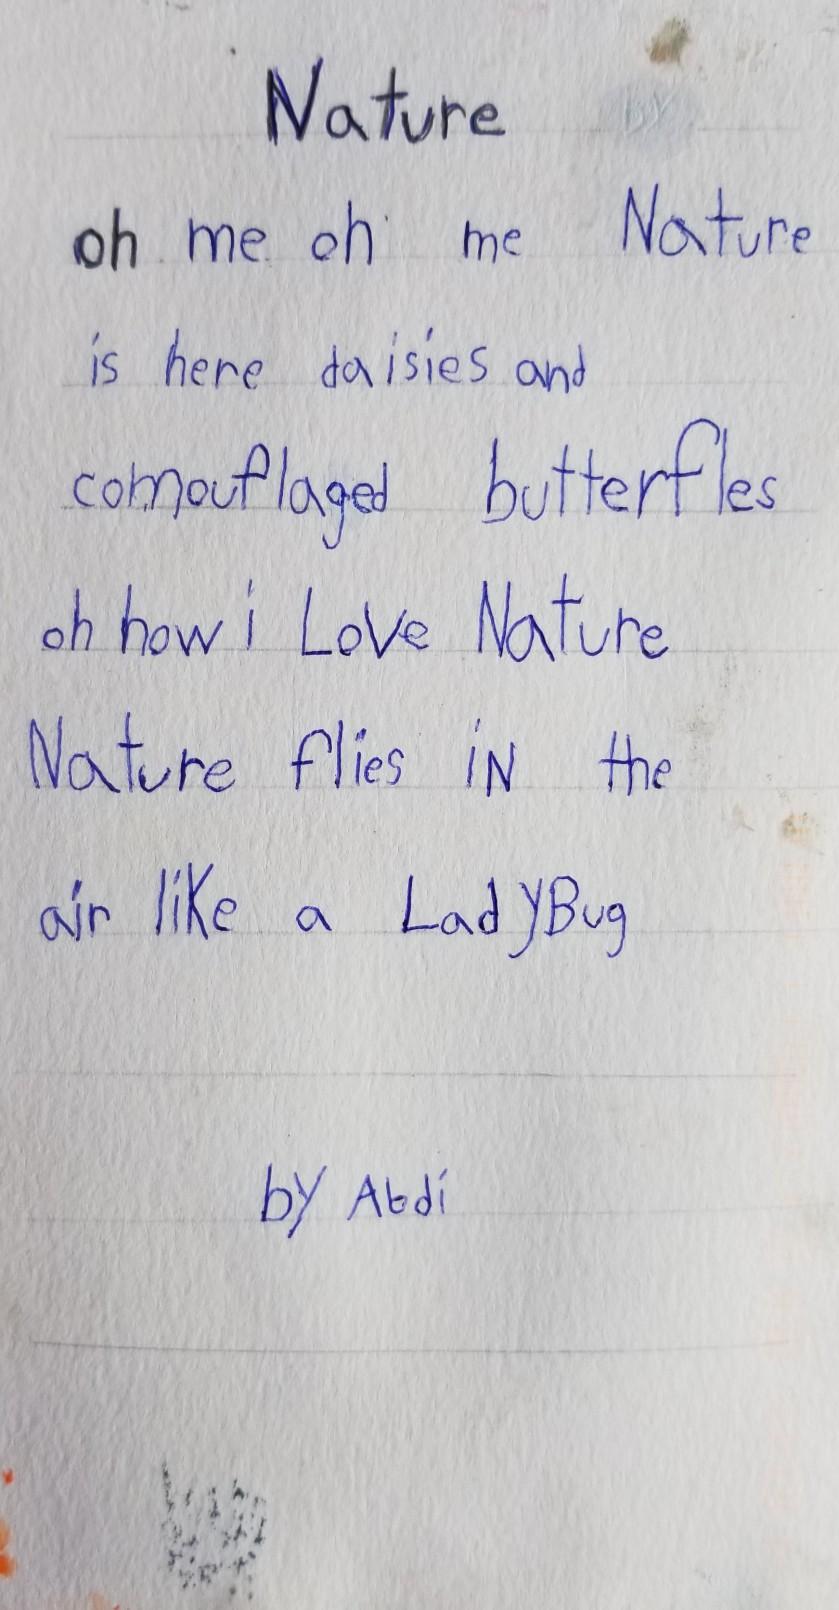 Abdi MN poem